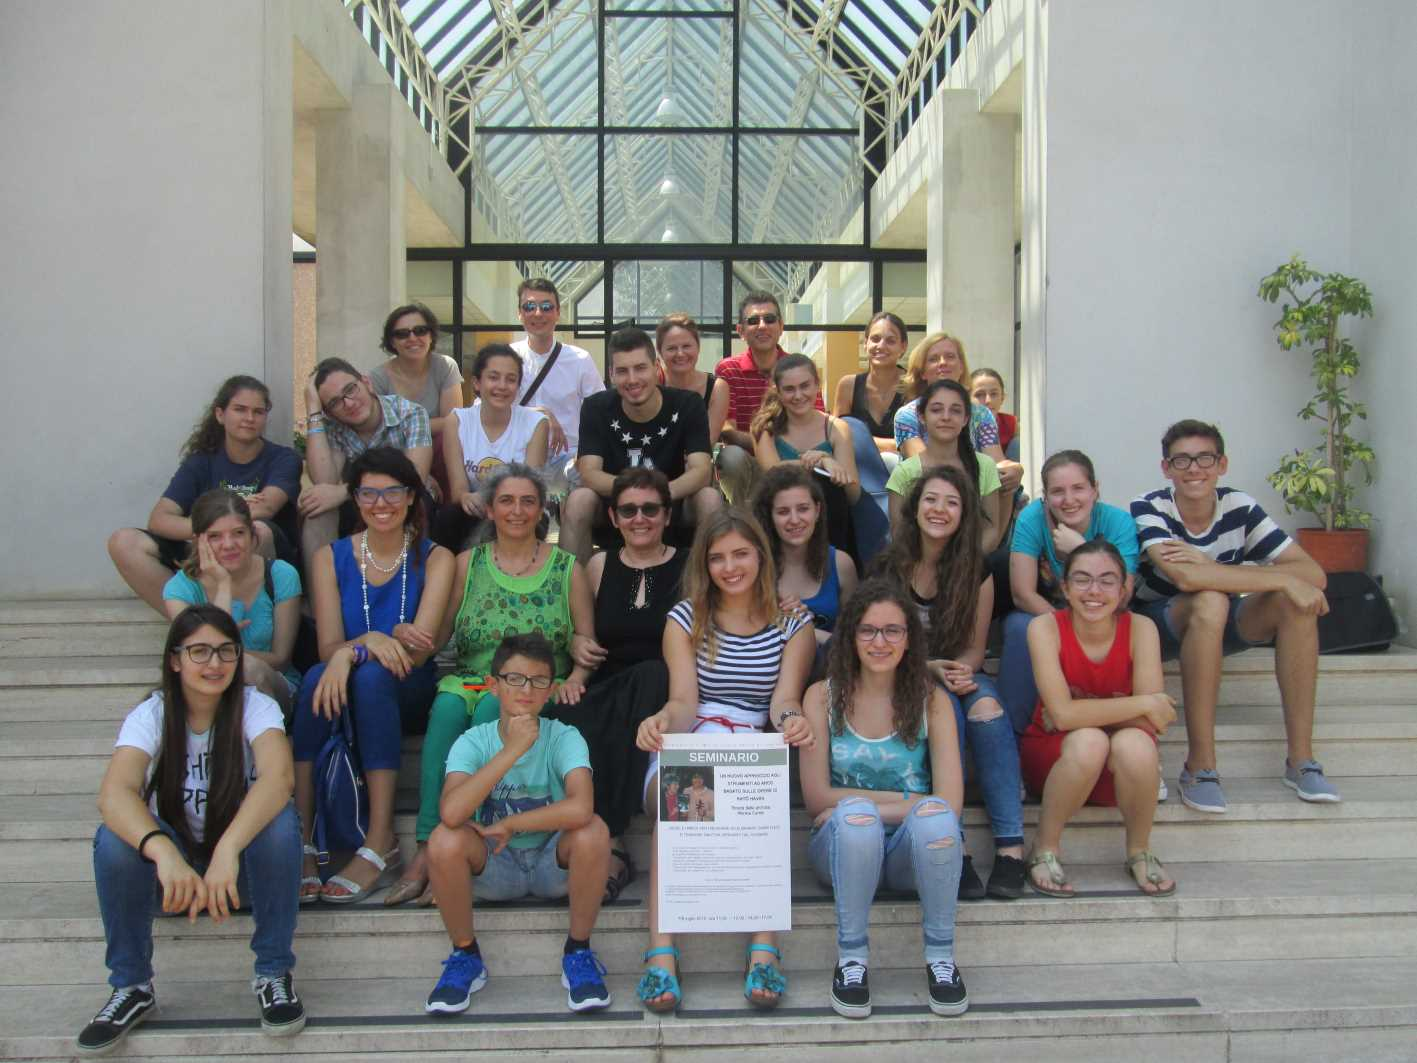 Seminario sul Nuovo Approccio tenuto al Conservatorio di Musica Licinio Refice di Frosinone da Monica Cuneo